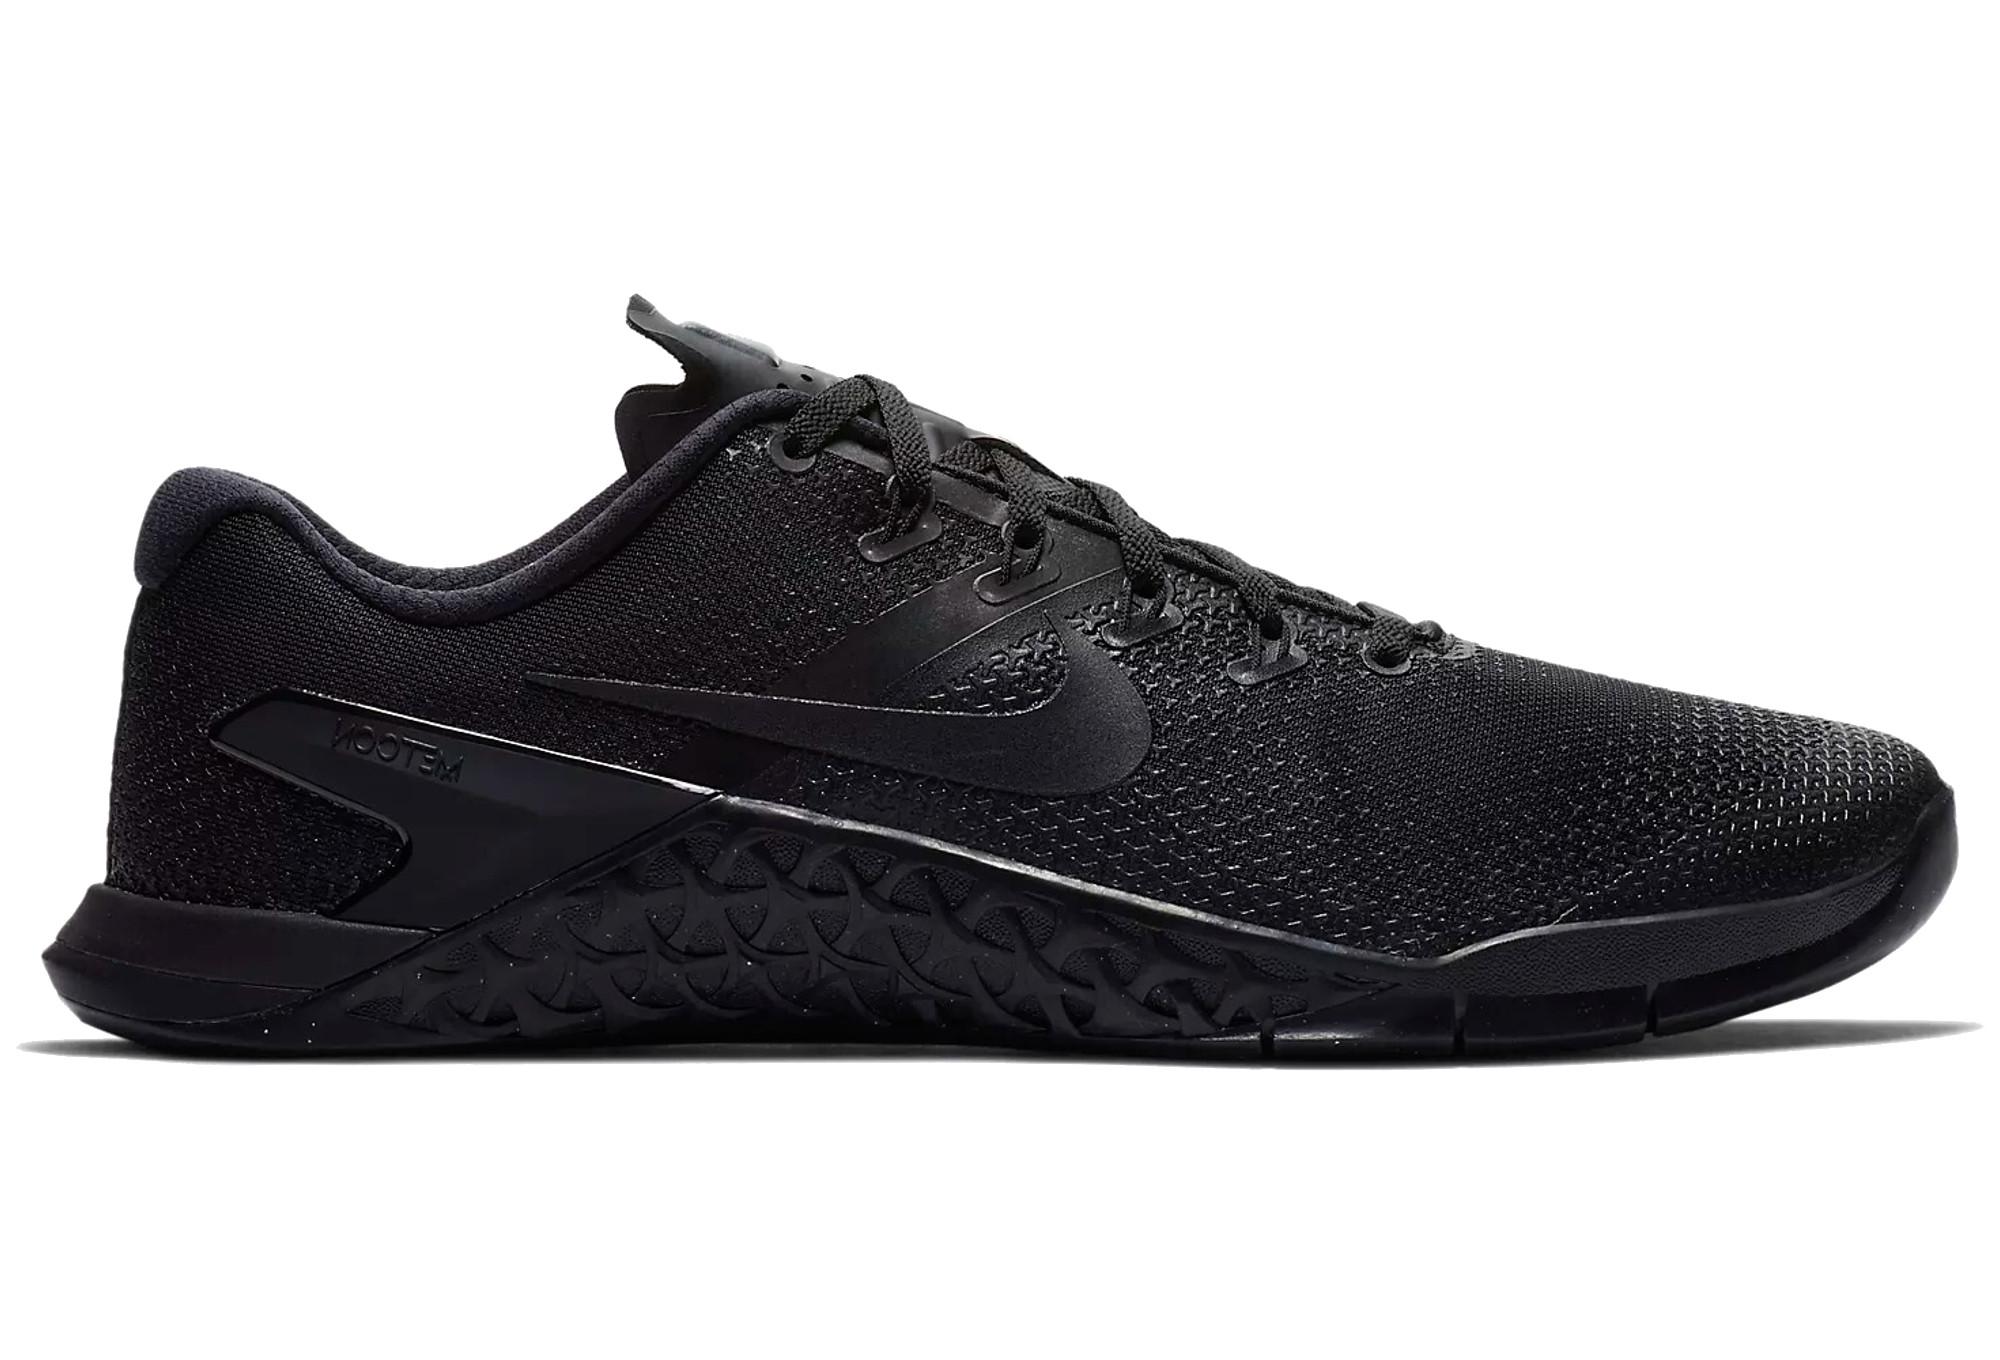 9189817c325 Zapatillas Nike Metcon 4 para Hombre Negro   Negro